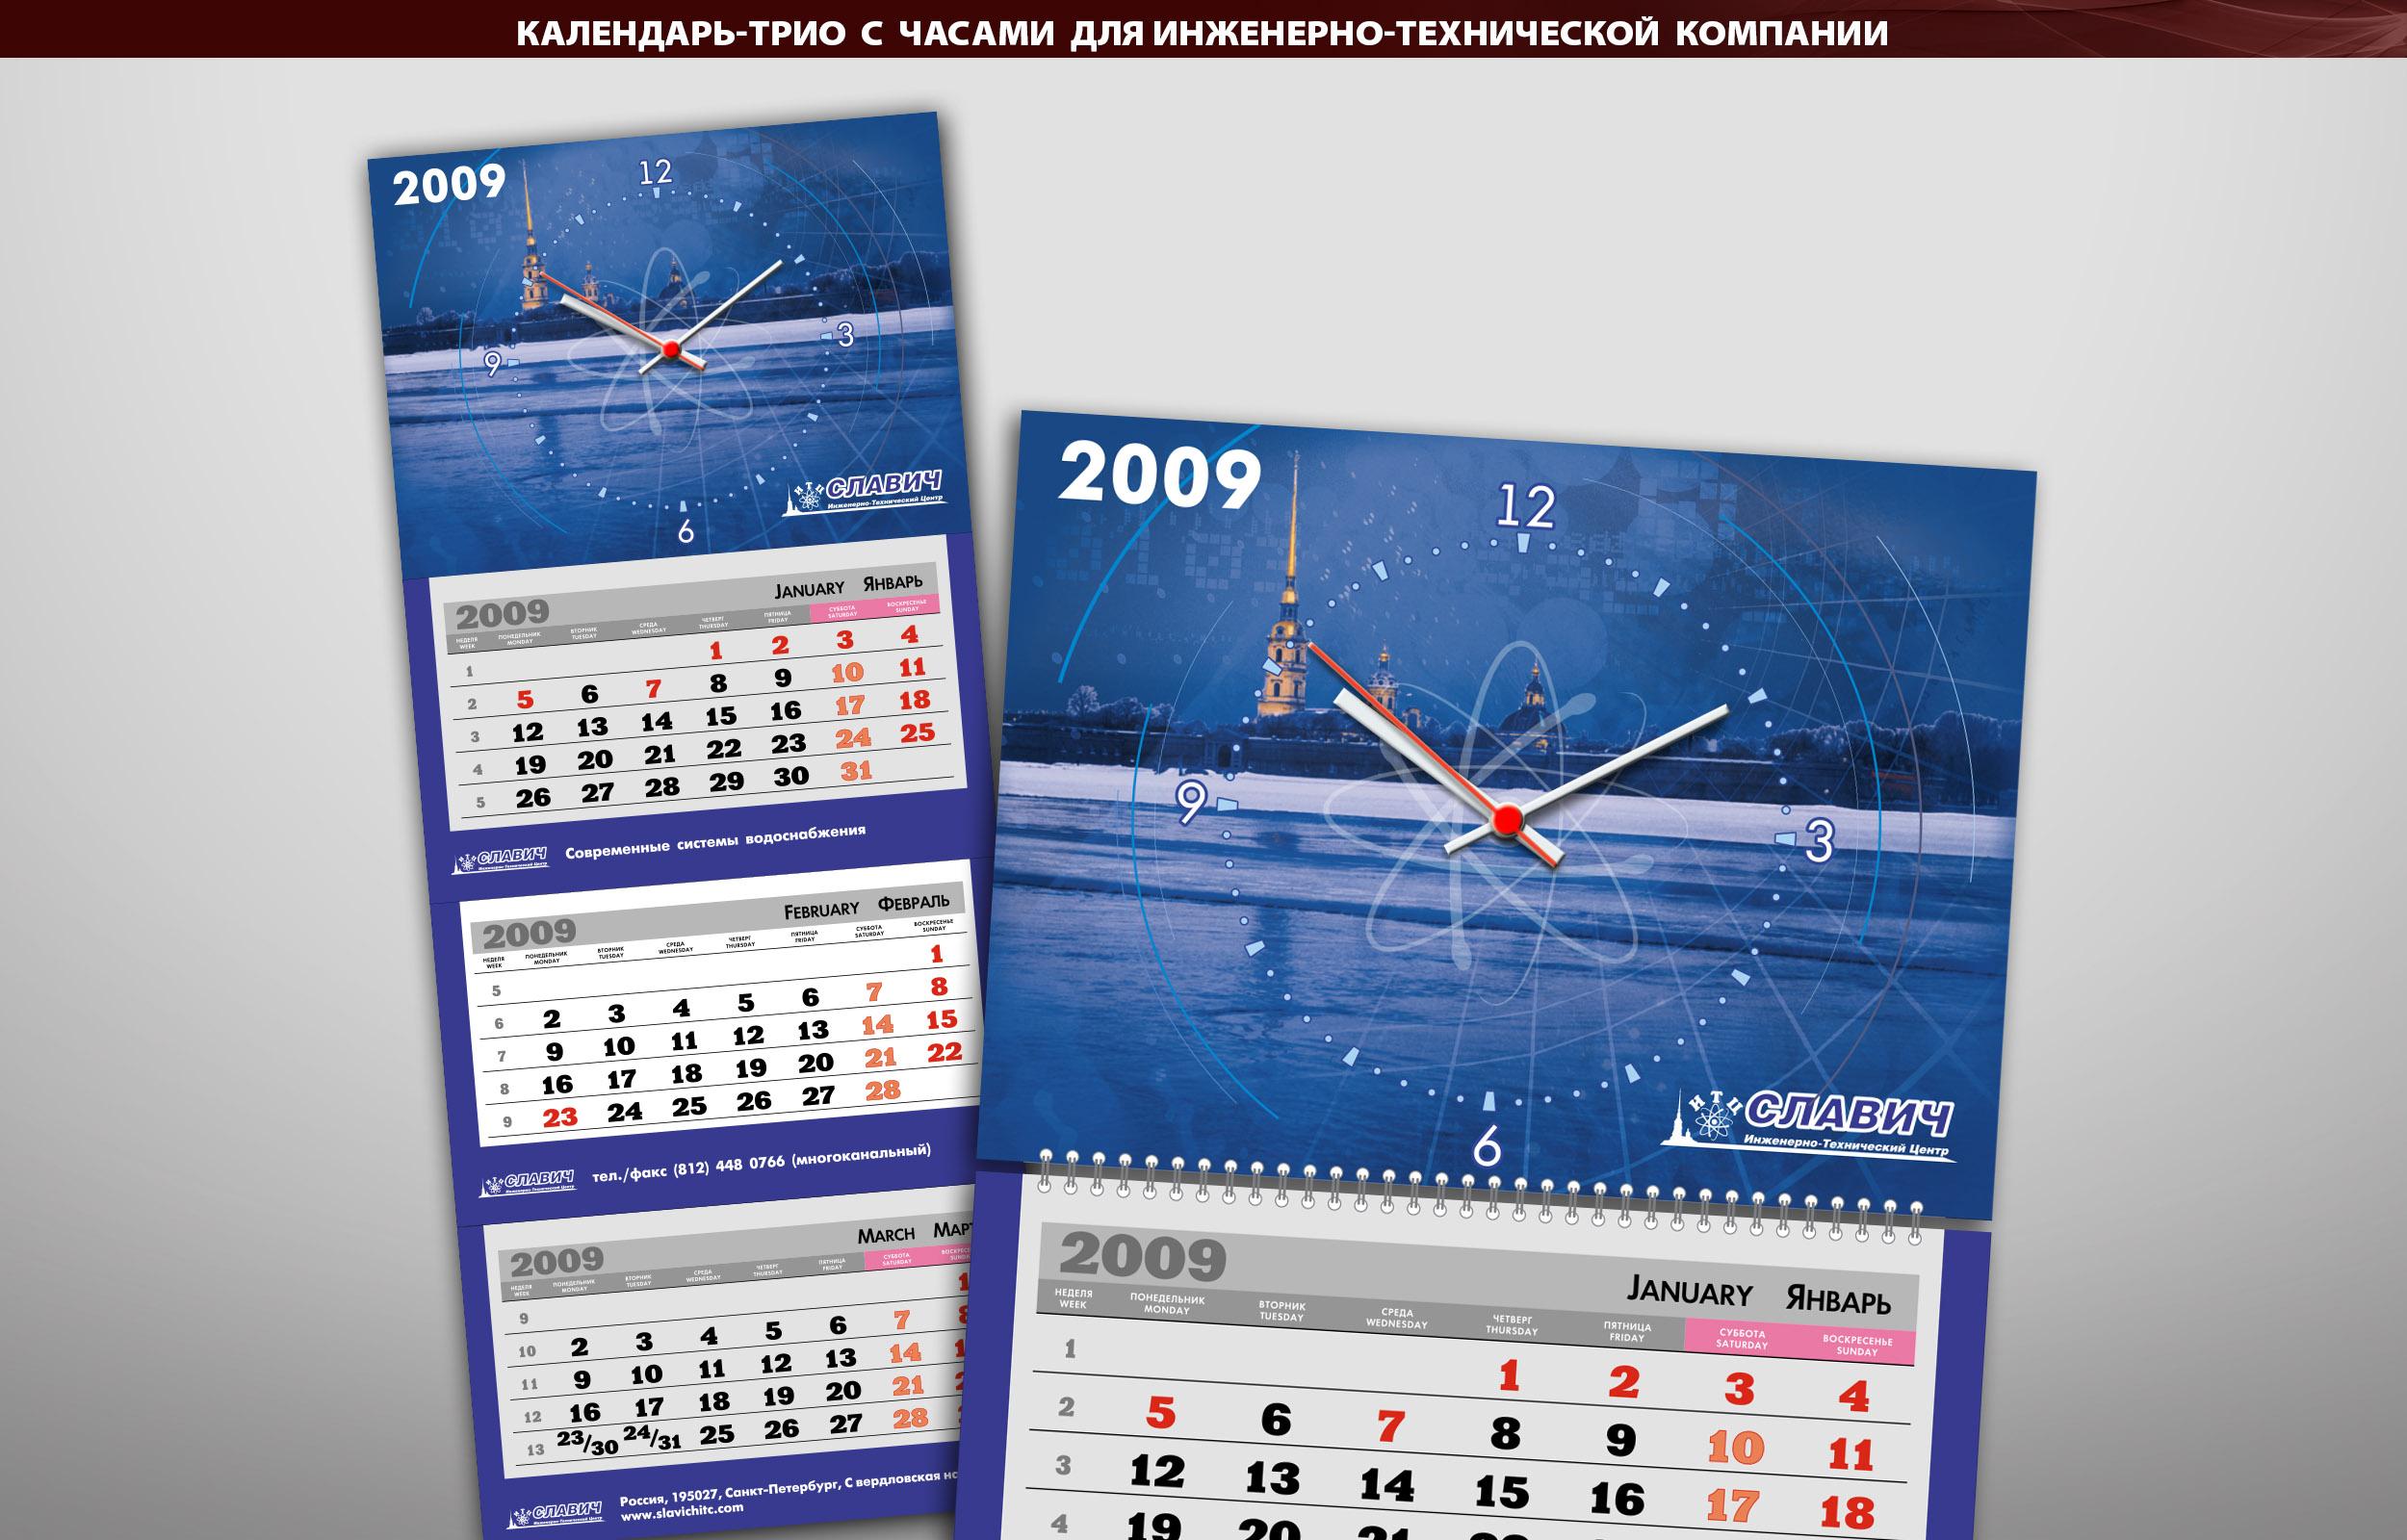 Календарь-трио с часами для инженерно-технической компании